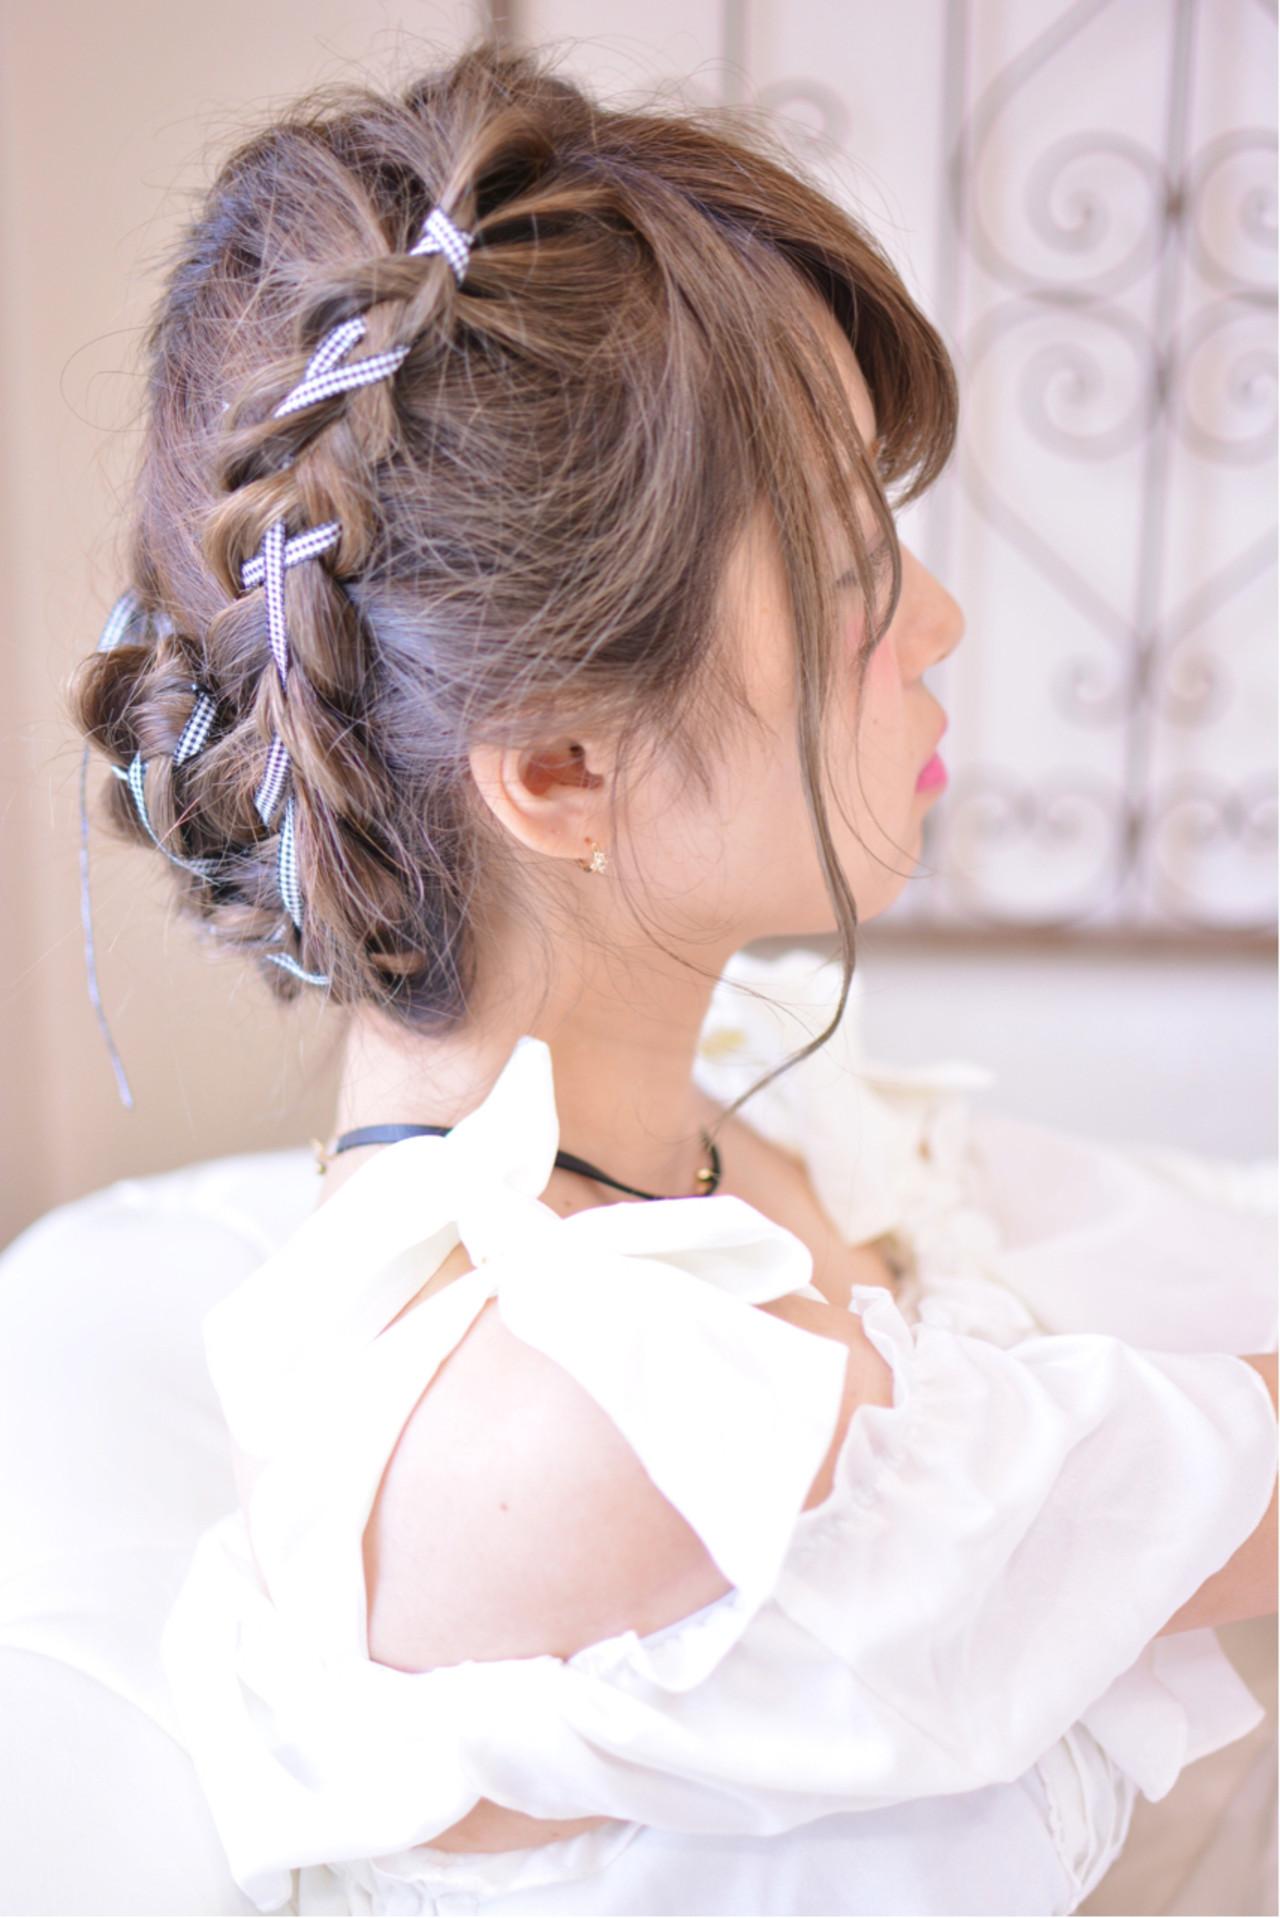 デート ヘアアレンジ 透明感 ロング ヘアスタイルや髪型の写真・画像 | Shiko Kajihara / メイズ